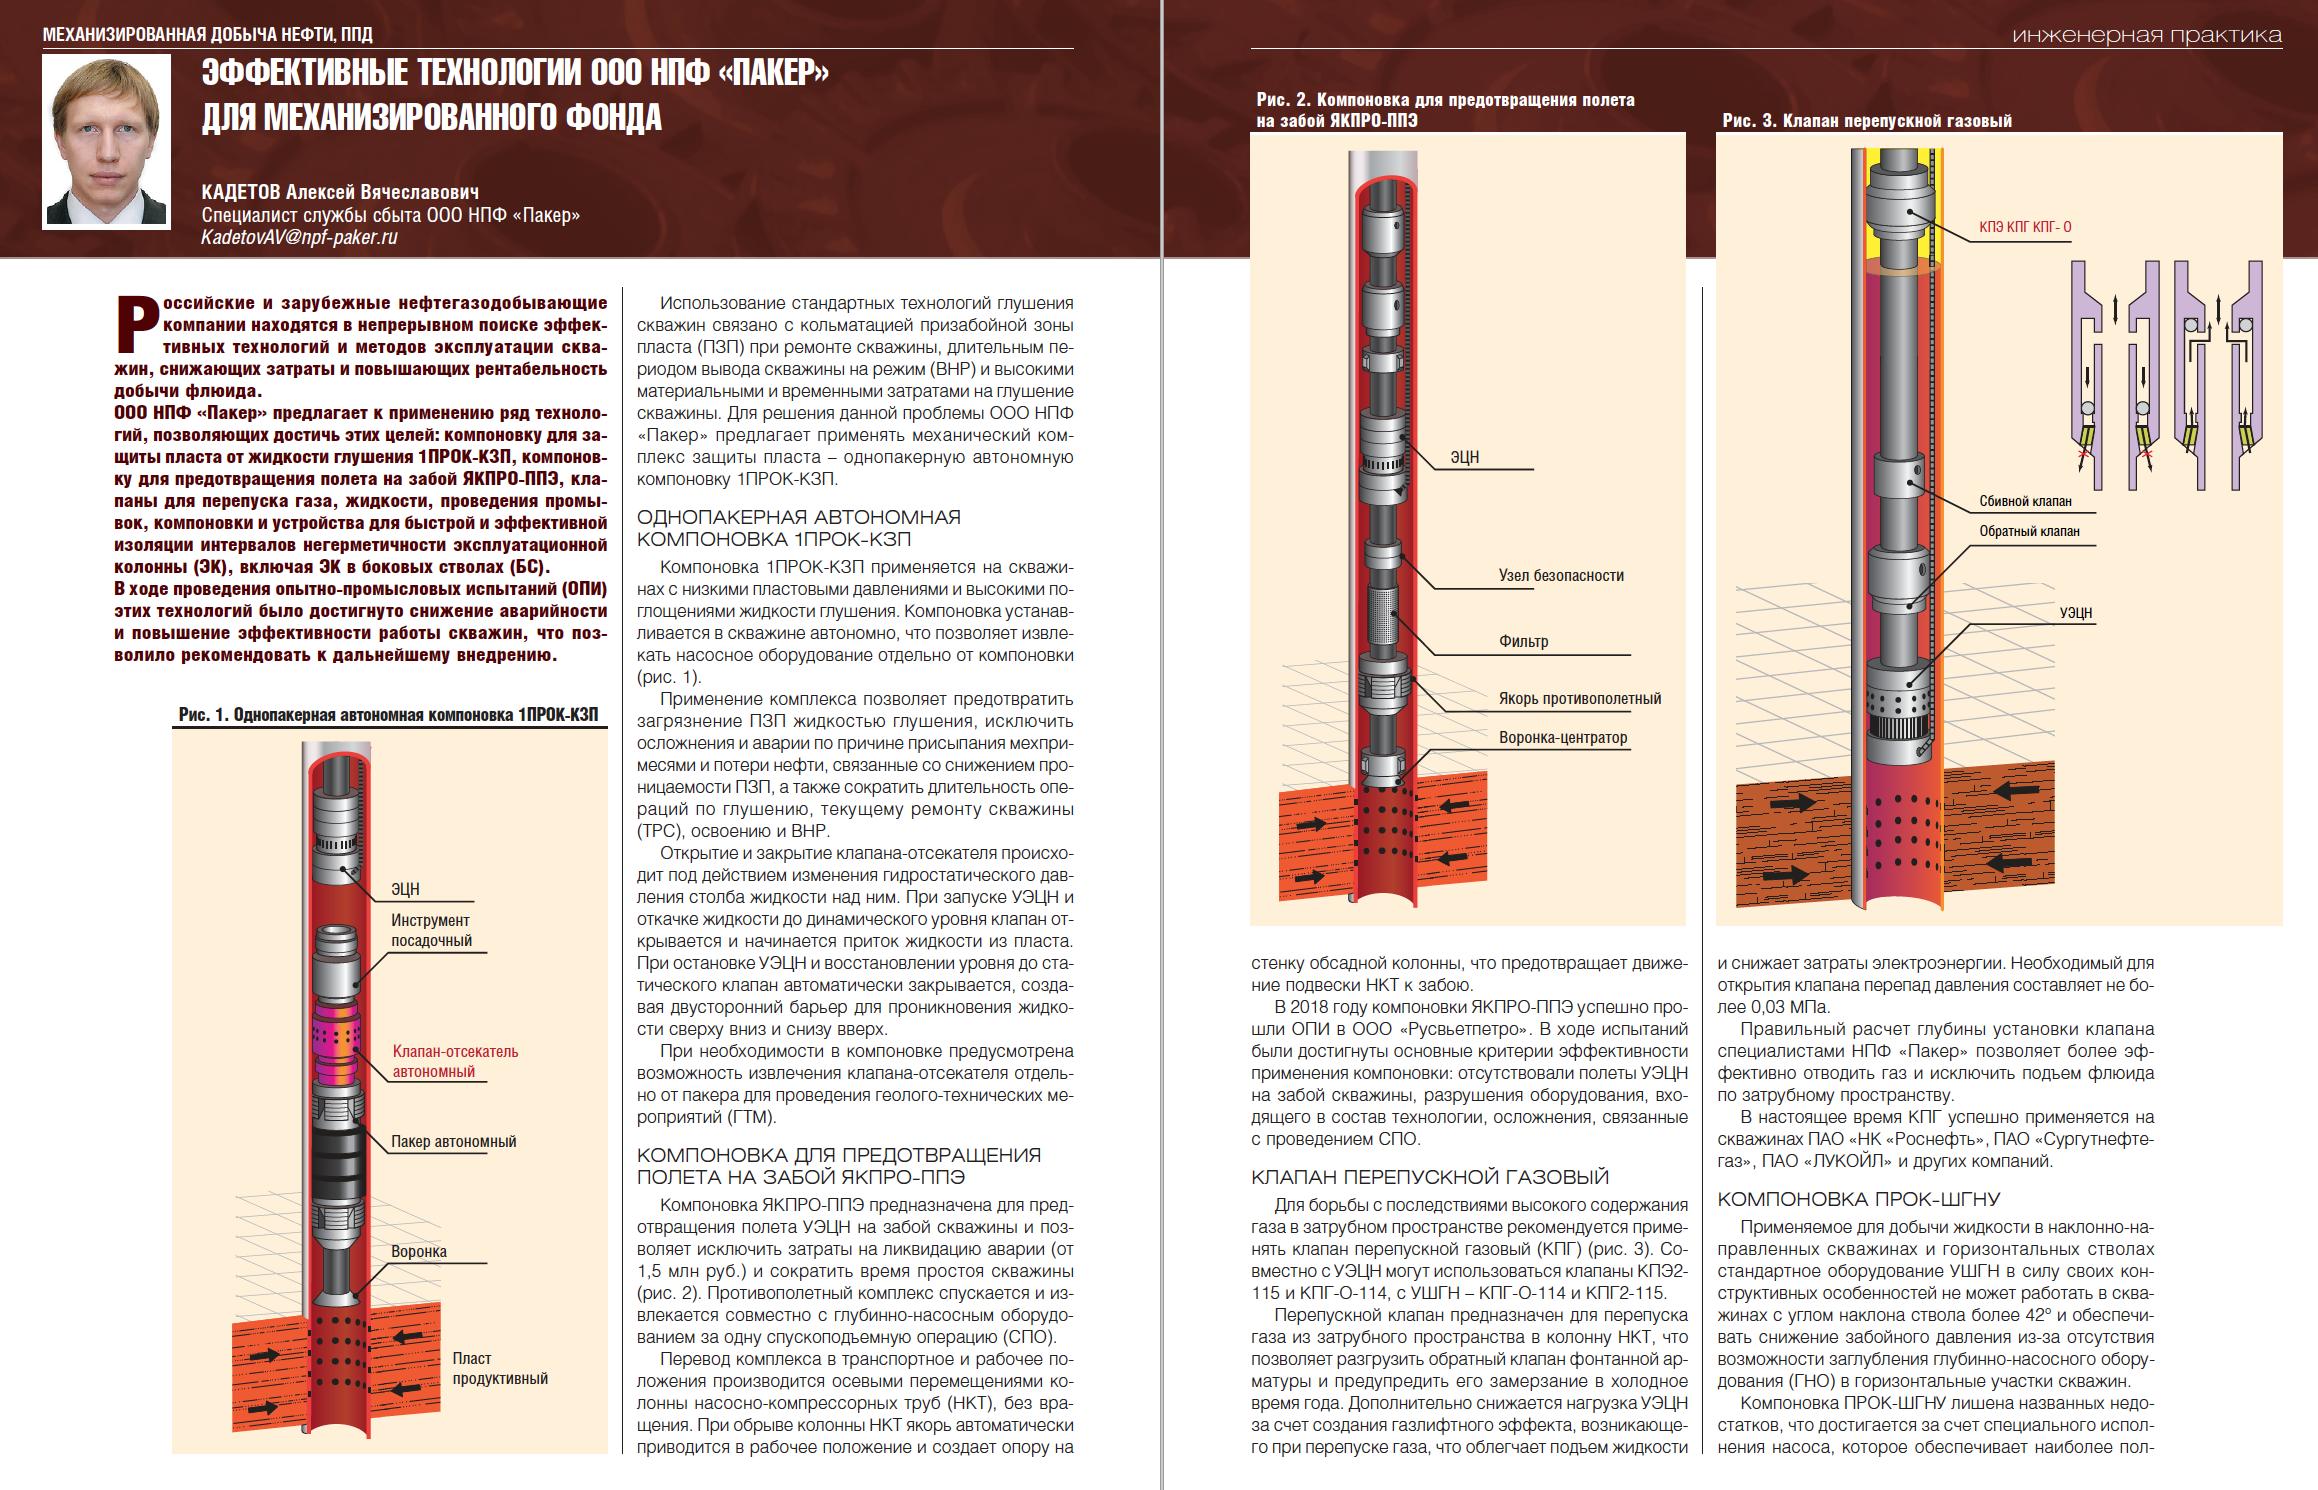 31983 Эффективные технологии ООО НПФ «Пакер» для механизированного фонда